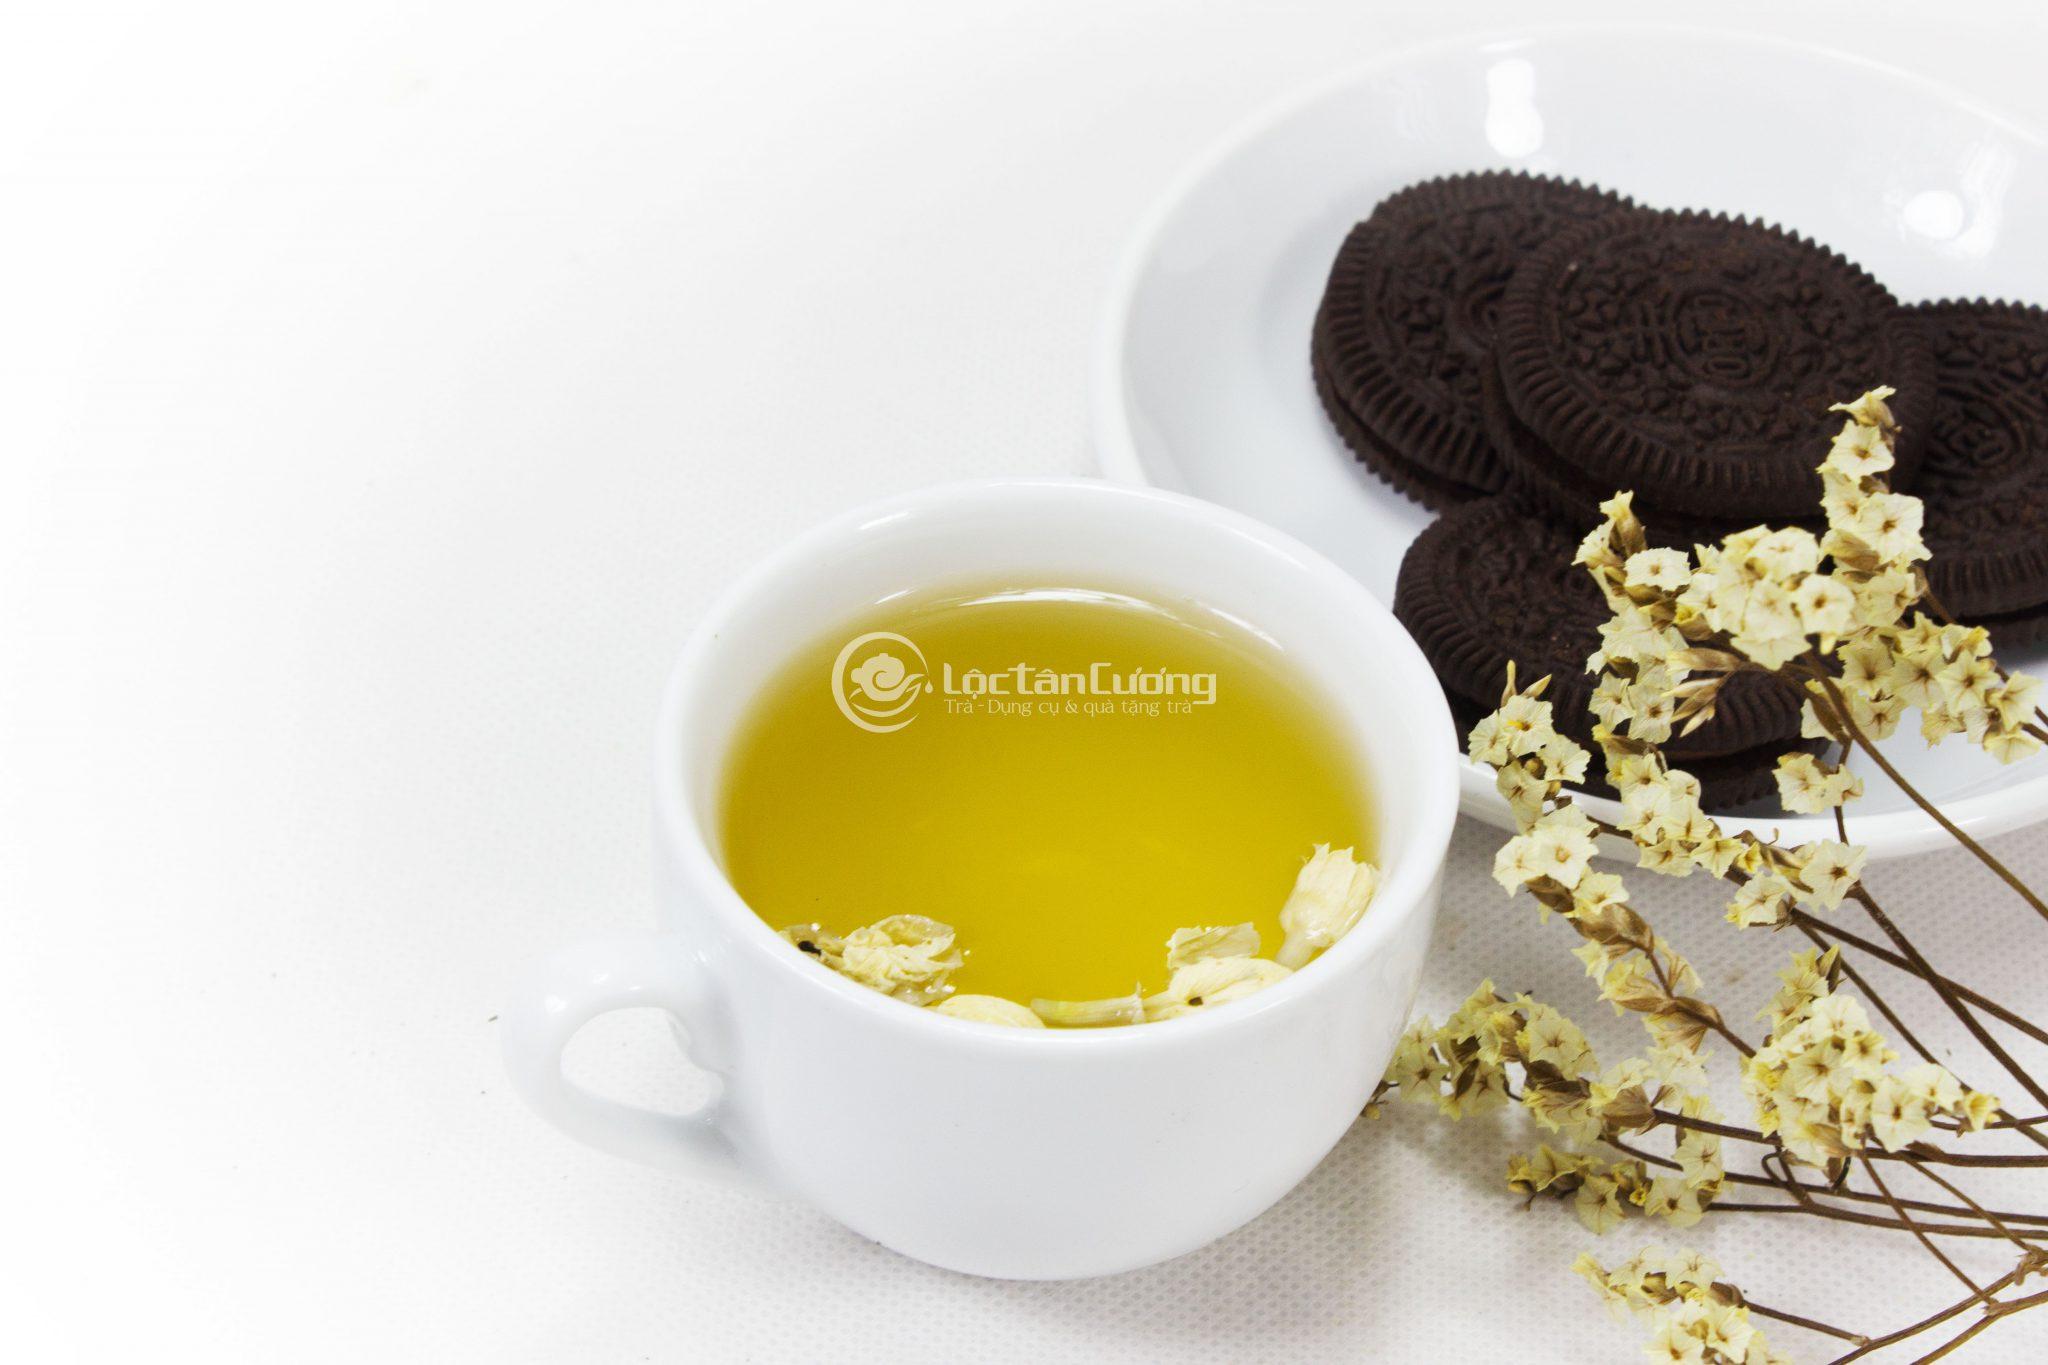 Nước trà ướp hoa lài có màu vàng sánh